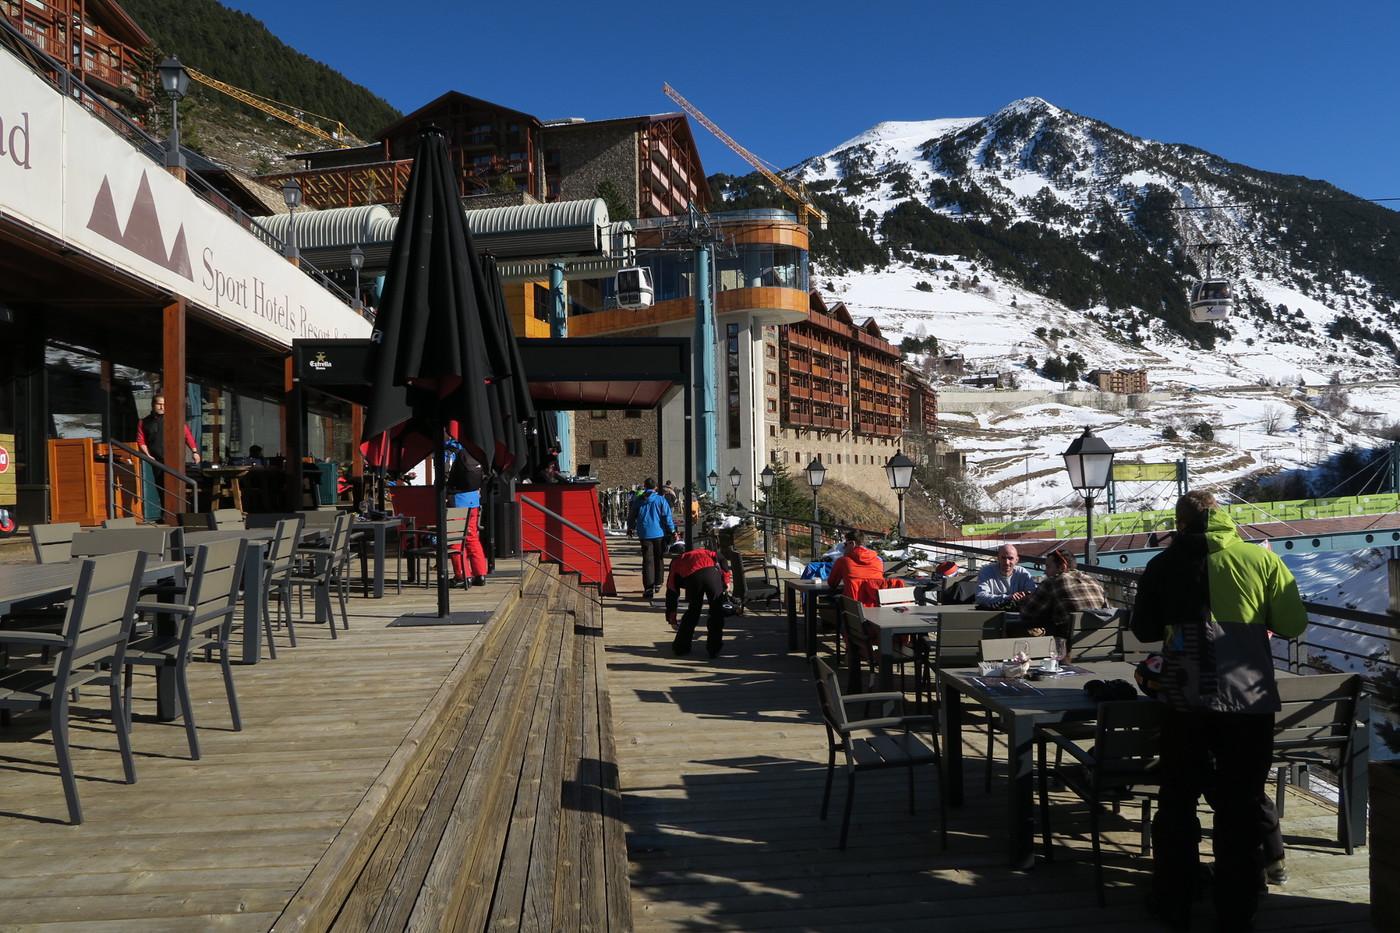 Hermitage sport hotel spa soldeu andorra dri everywhere - Sport hotel hermitage soldeu ...